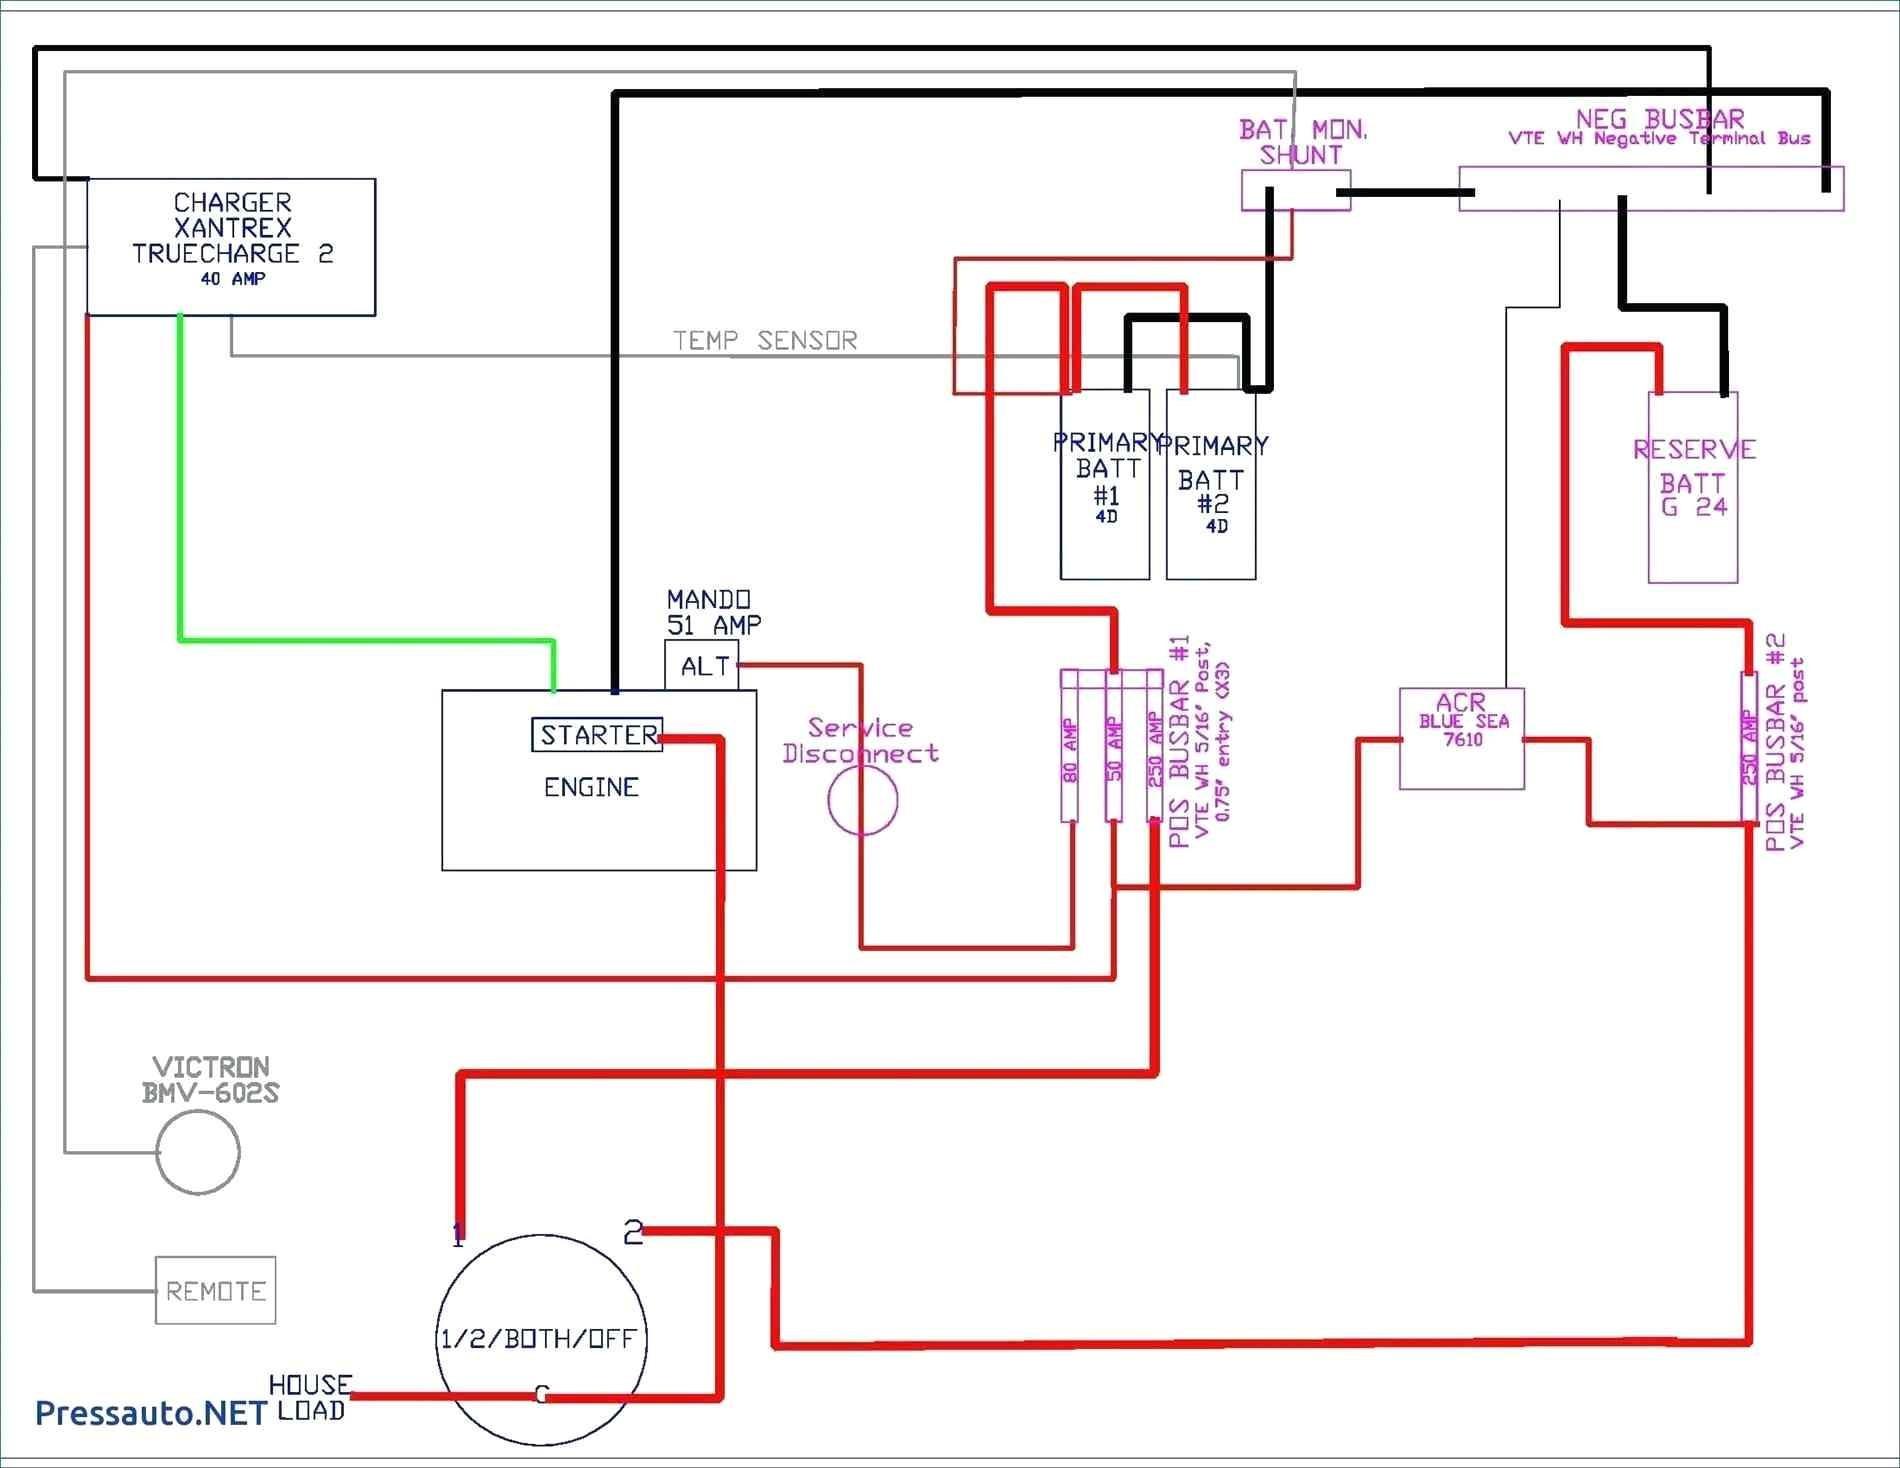 Storage Wiring Building Electrical Circuitmap - Wiring Diagrams Hubs - Wiring Diagram